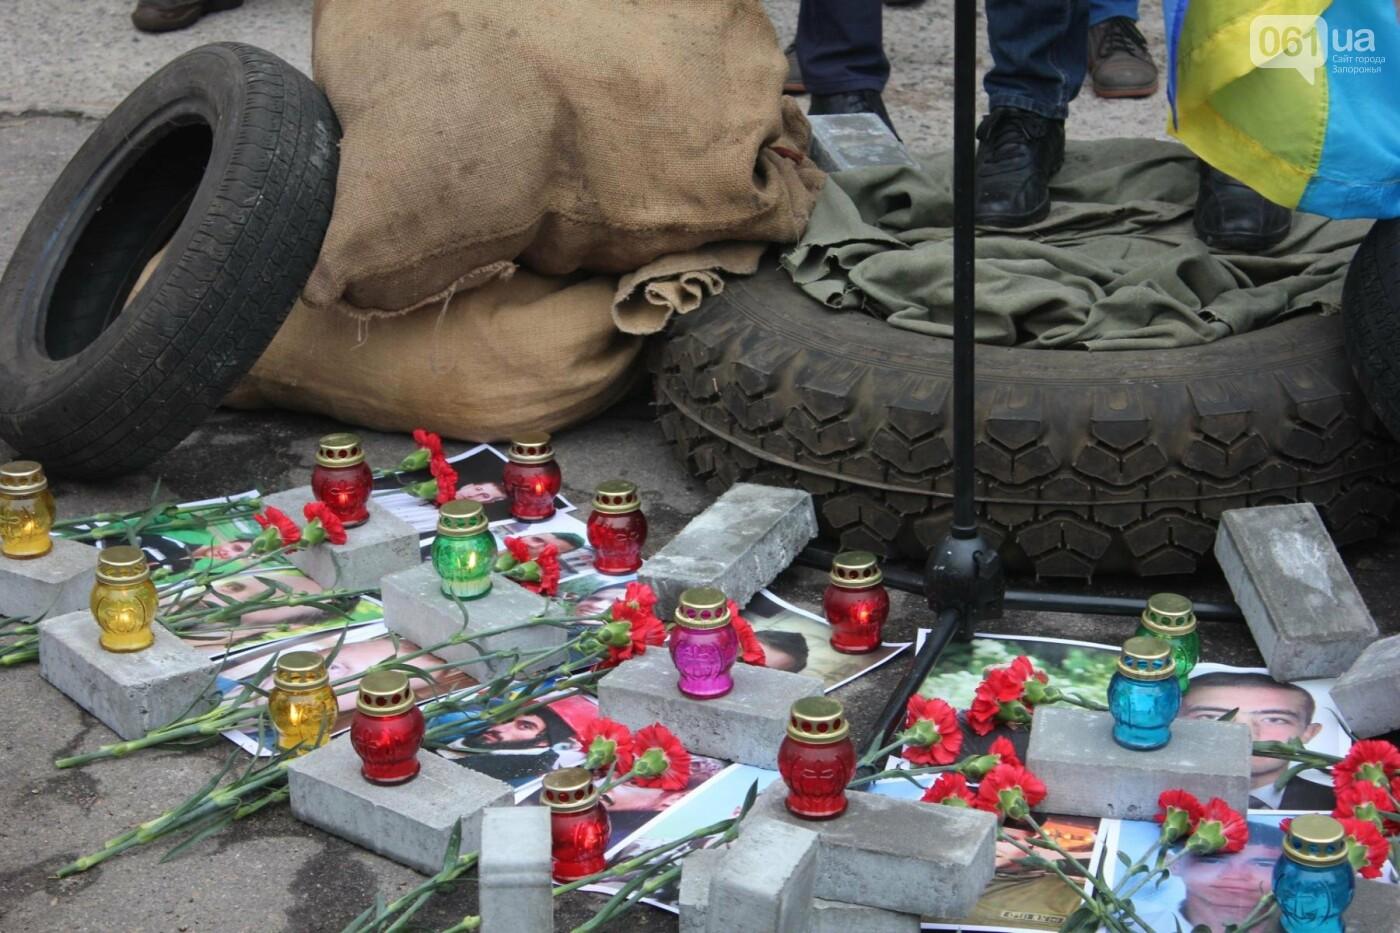 В Запорожье актеры на улице читали стихи о Майдане, - ФОТОРЕПОРТАЖ, фото-16